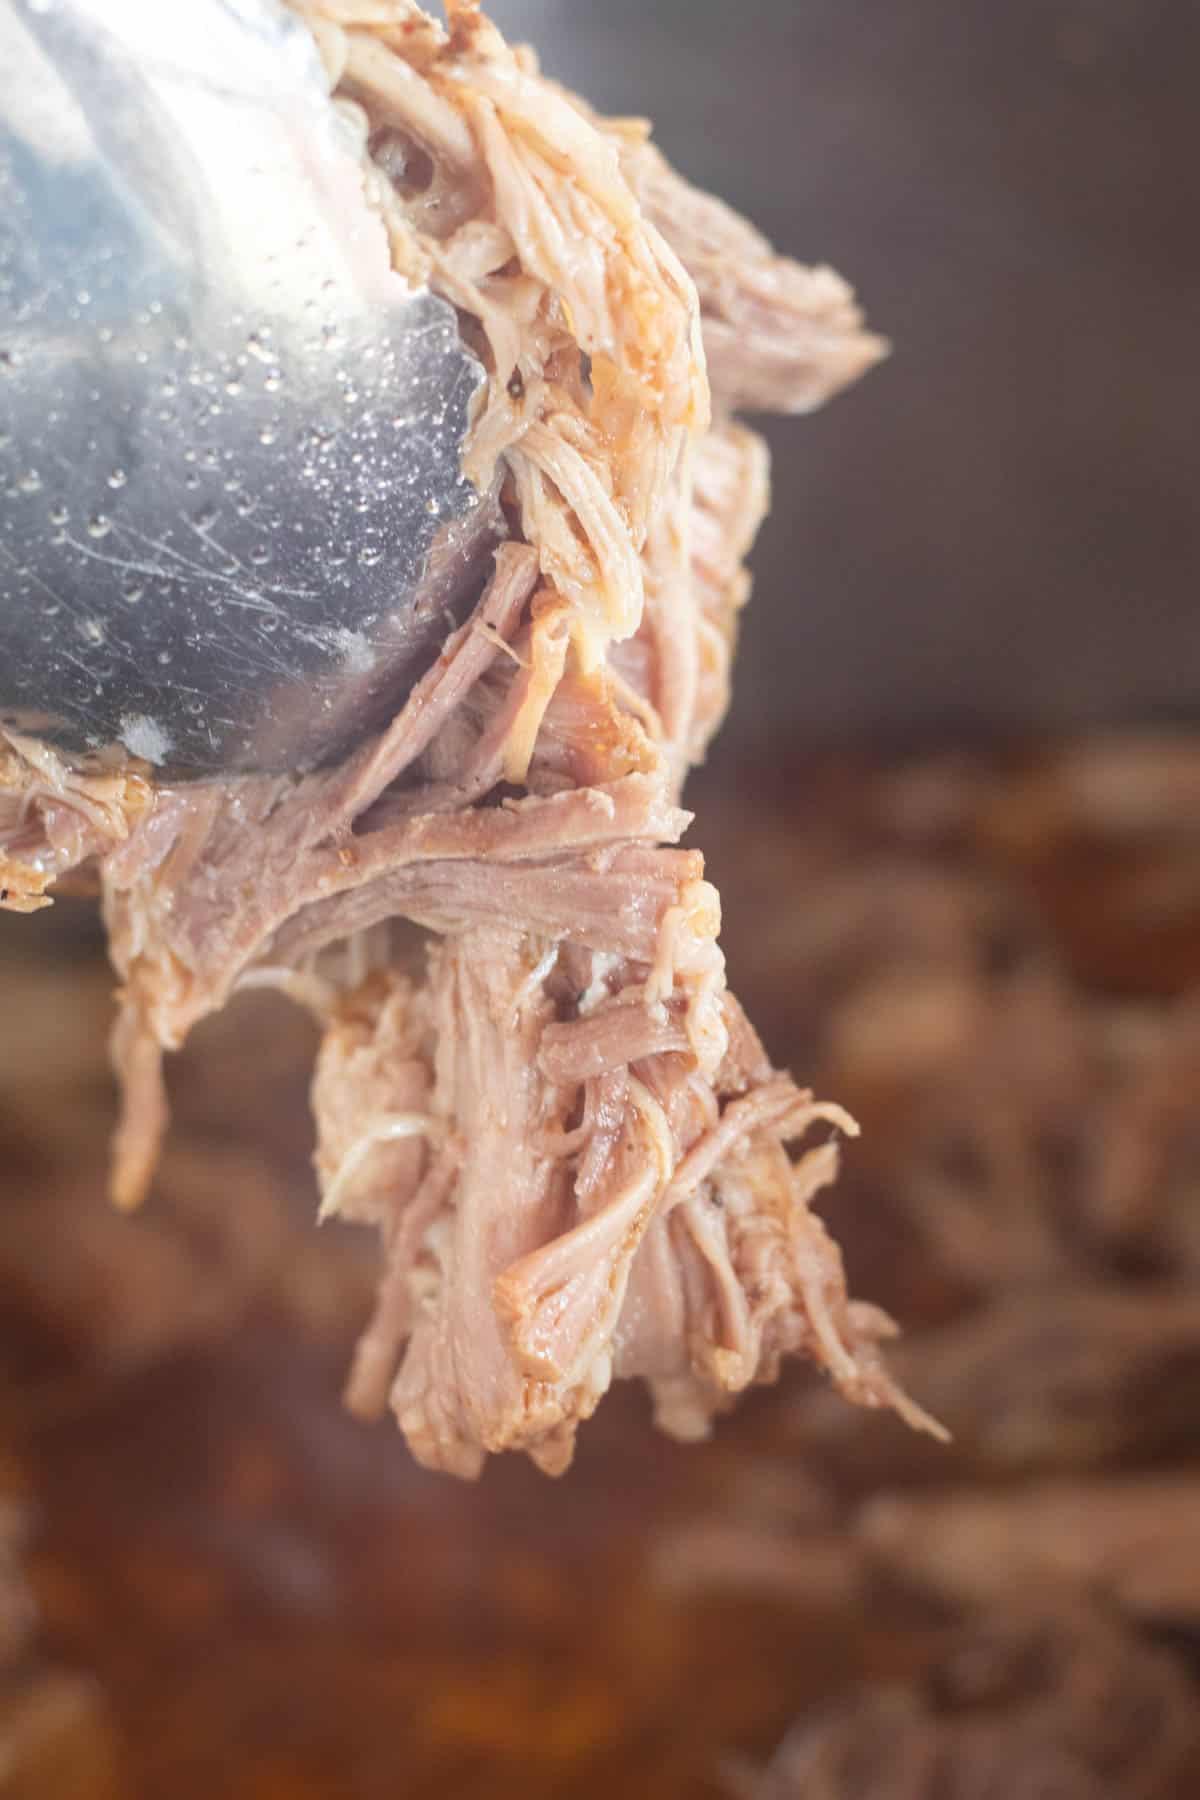 holding up shredded carnitas